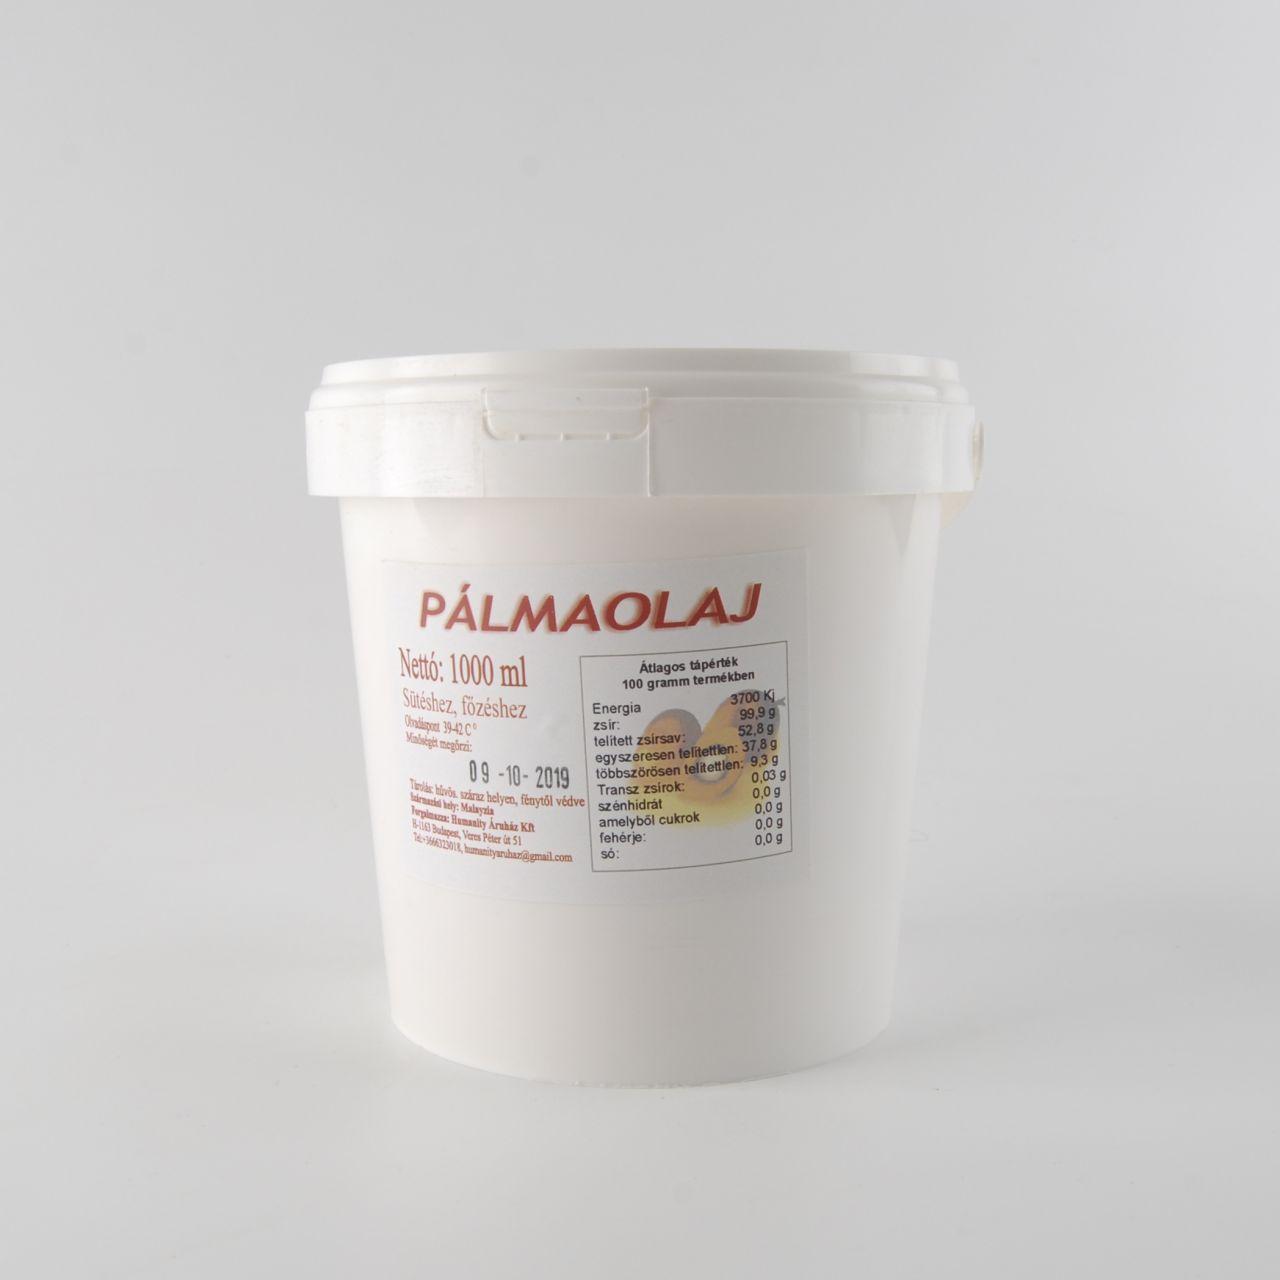 Pálmazsír / pálmaolaj 1 l vödrös